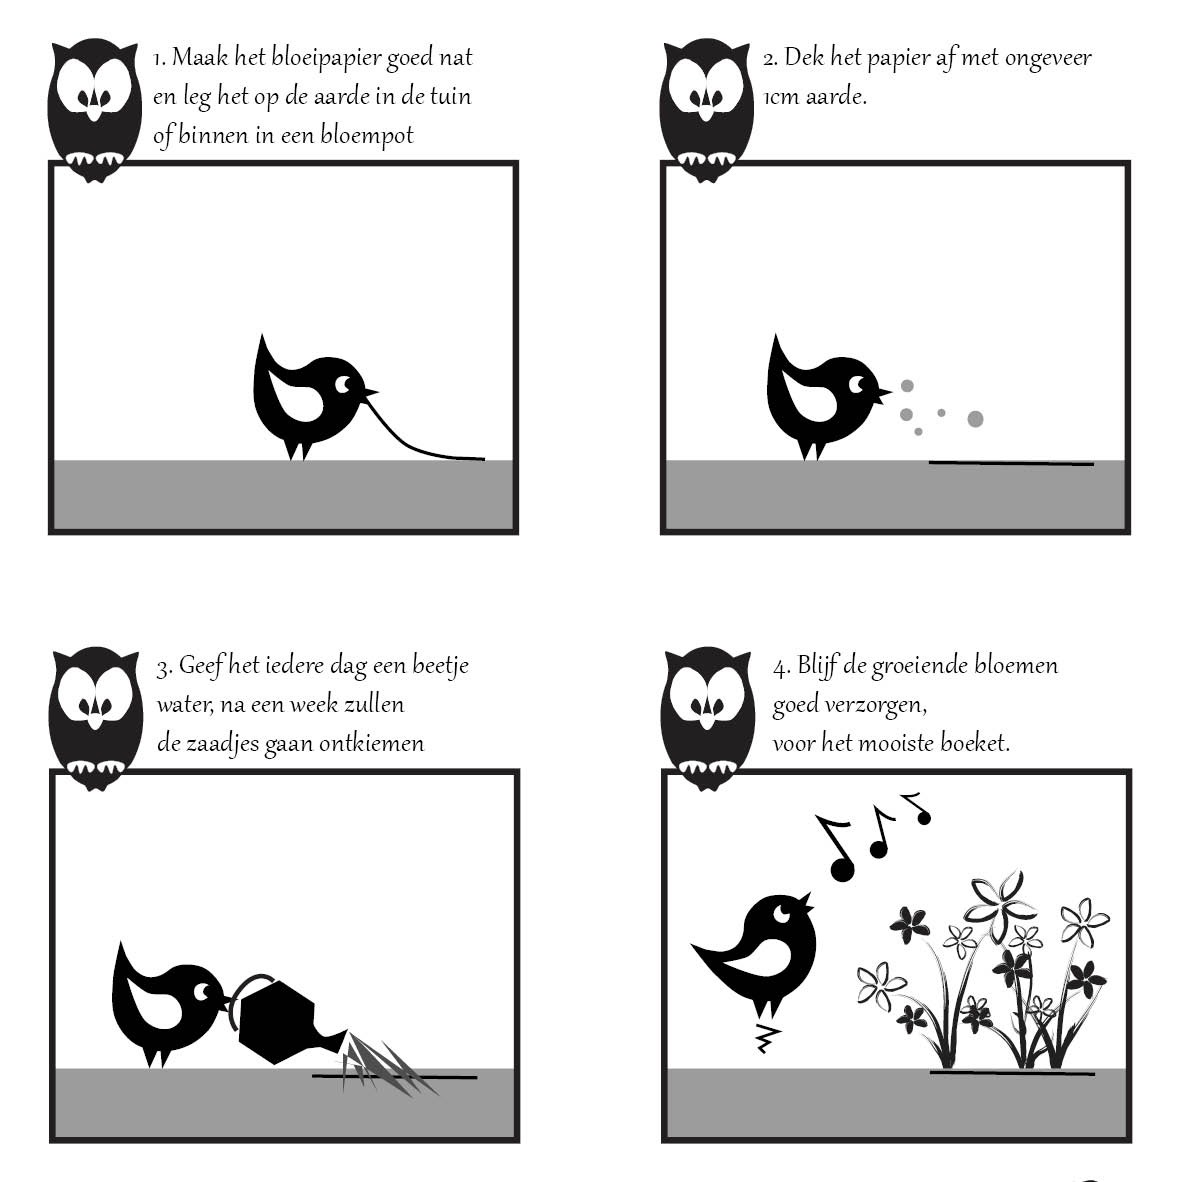 bloom bloeikaart uitleg